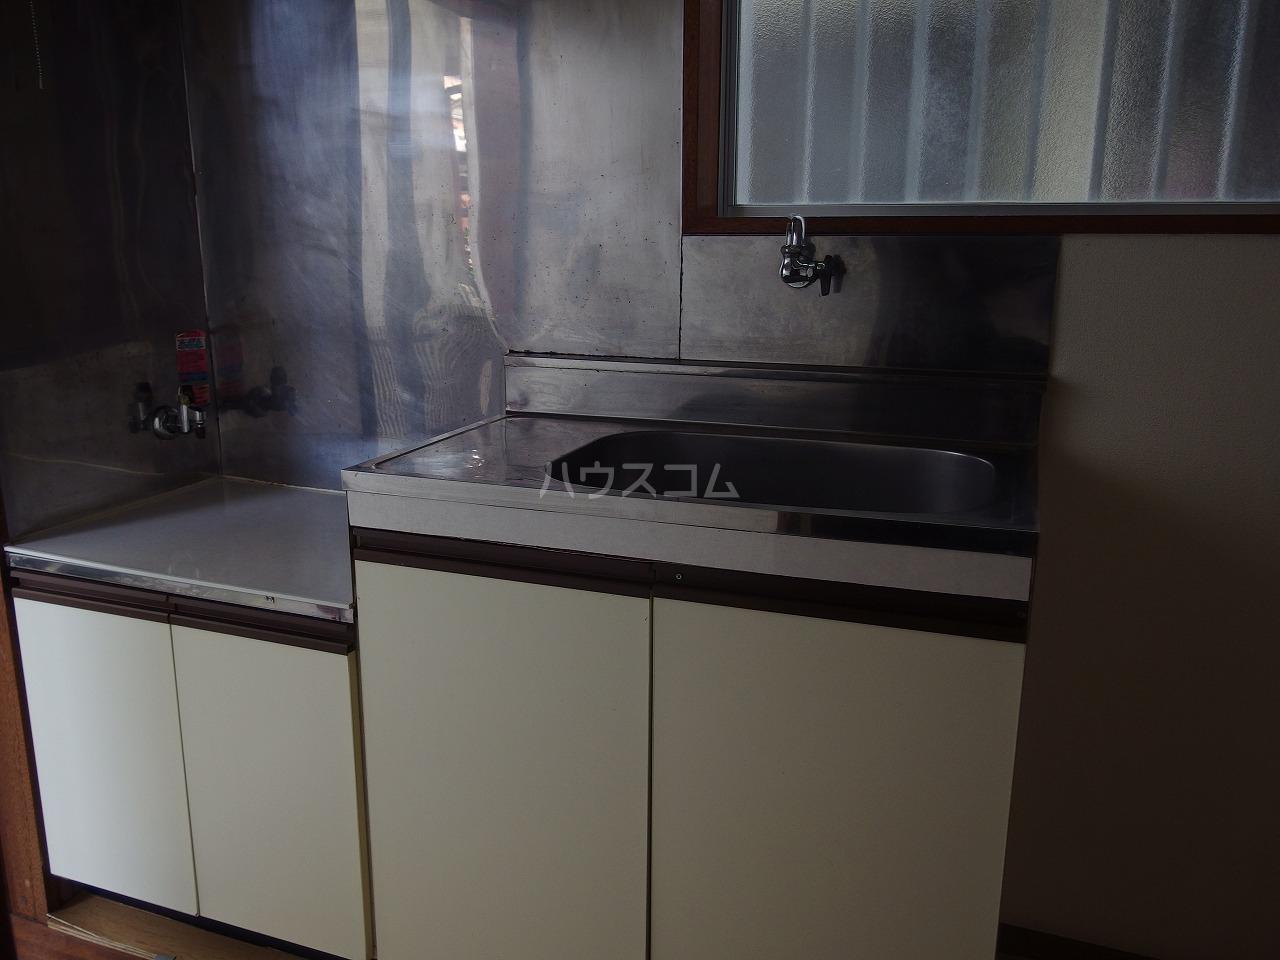 ちとせハイム 102号室のキッチン